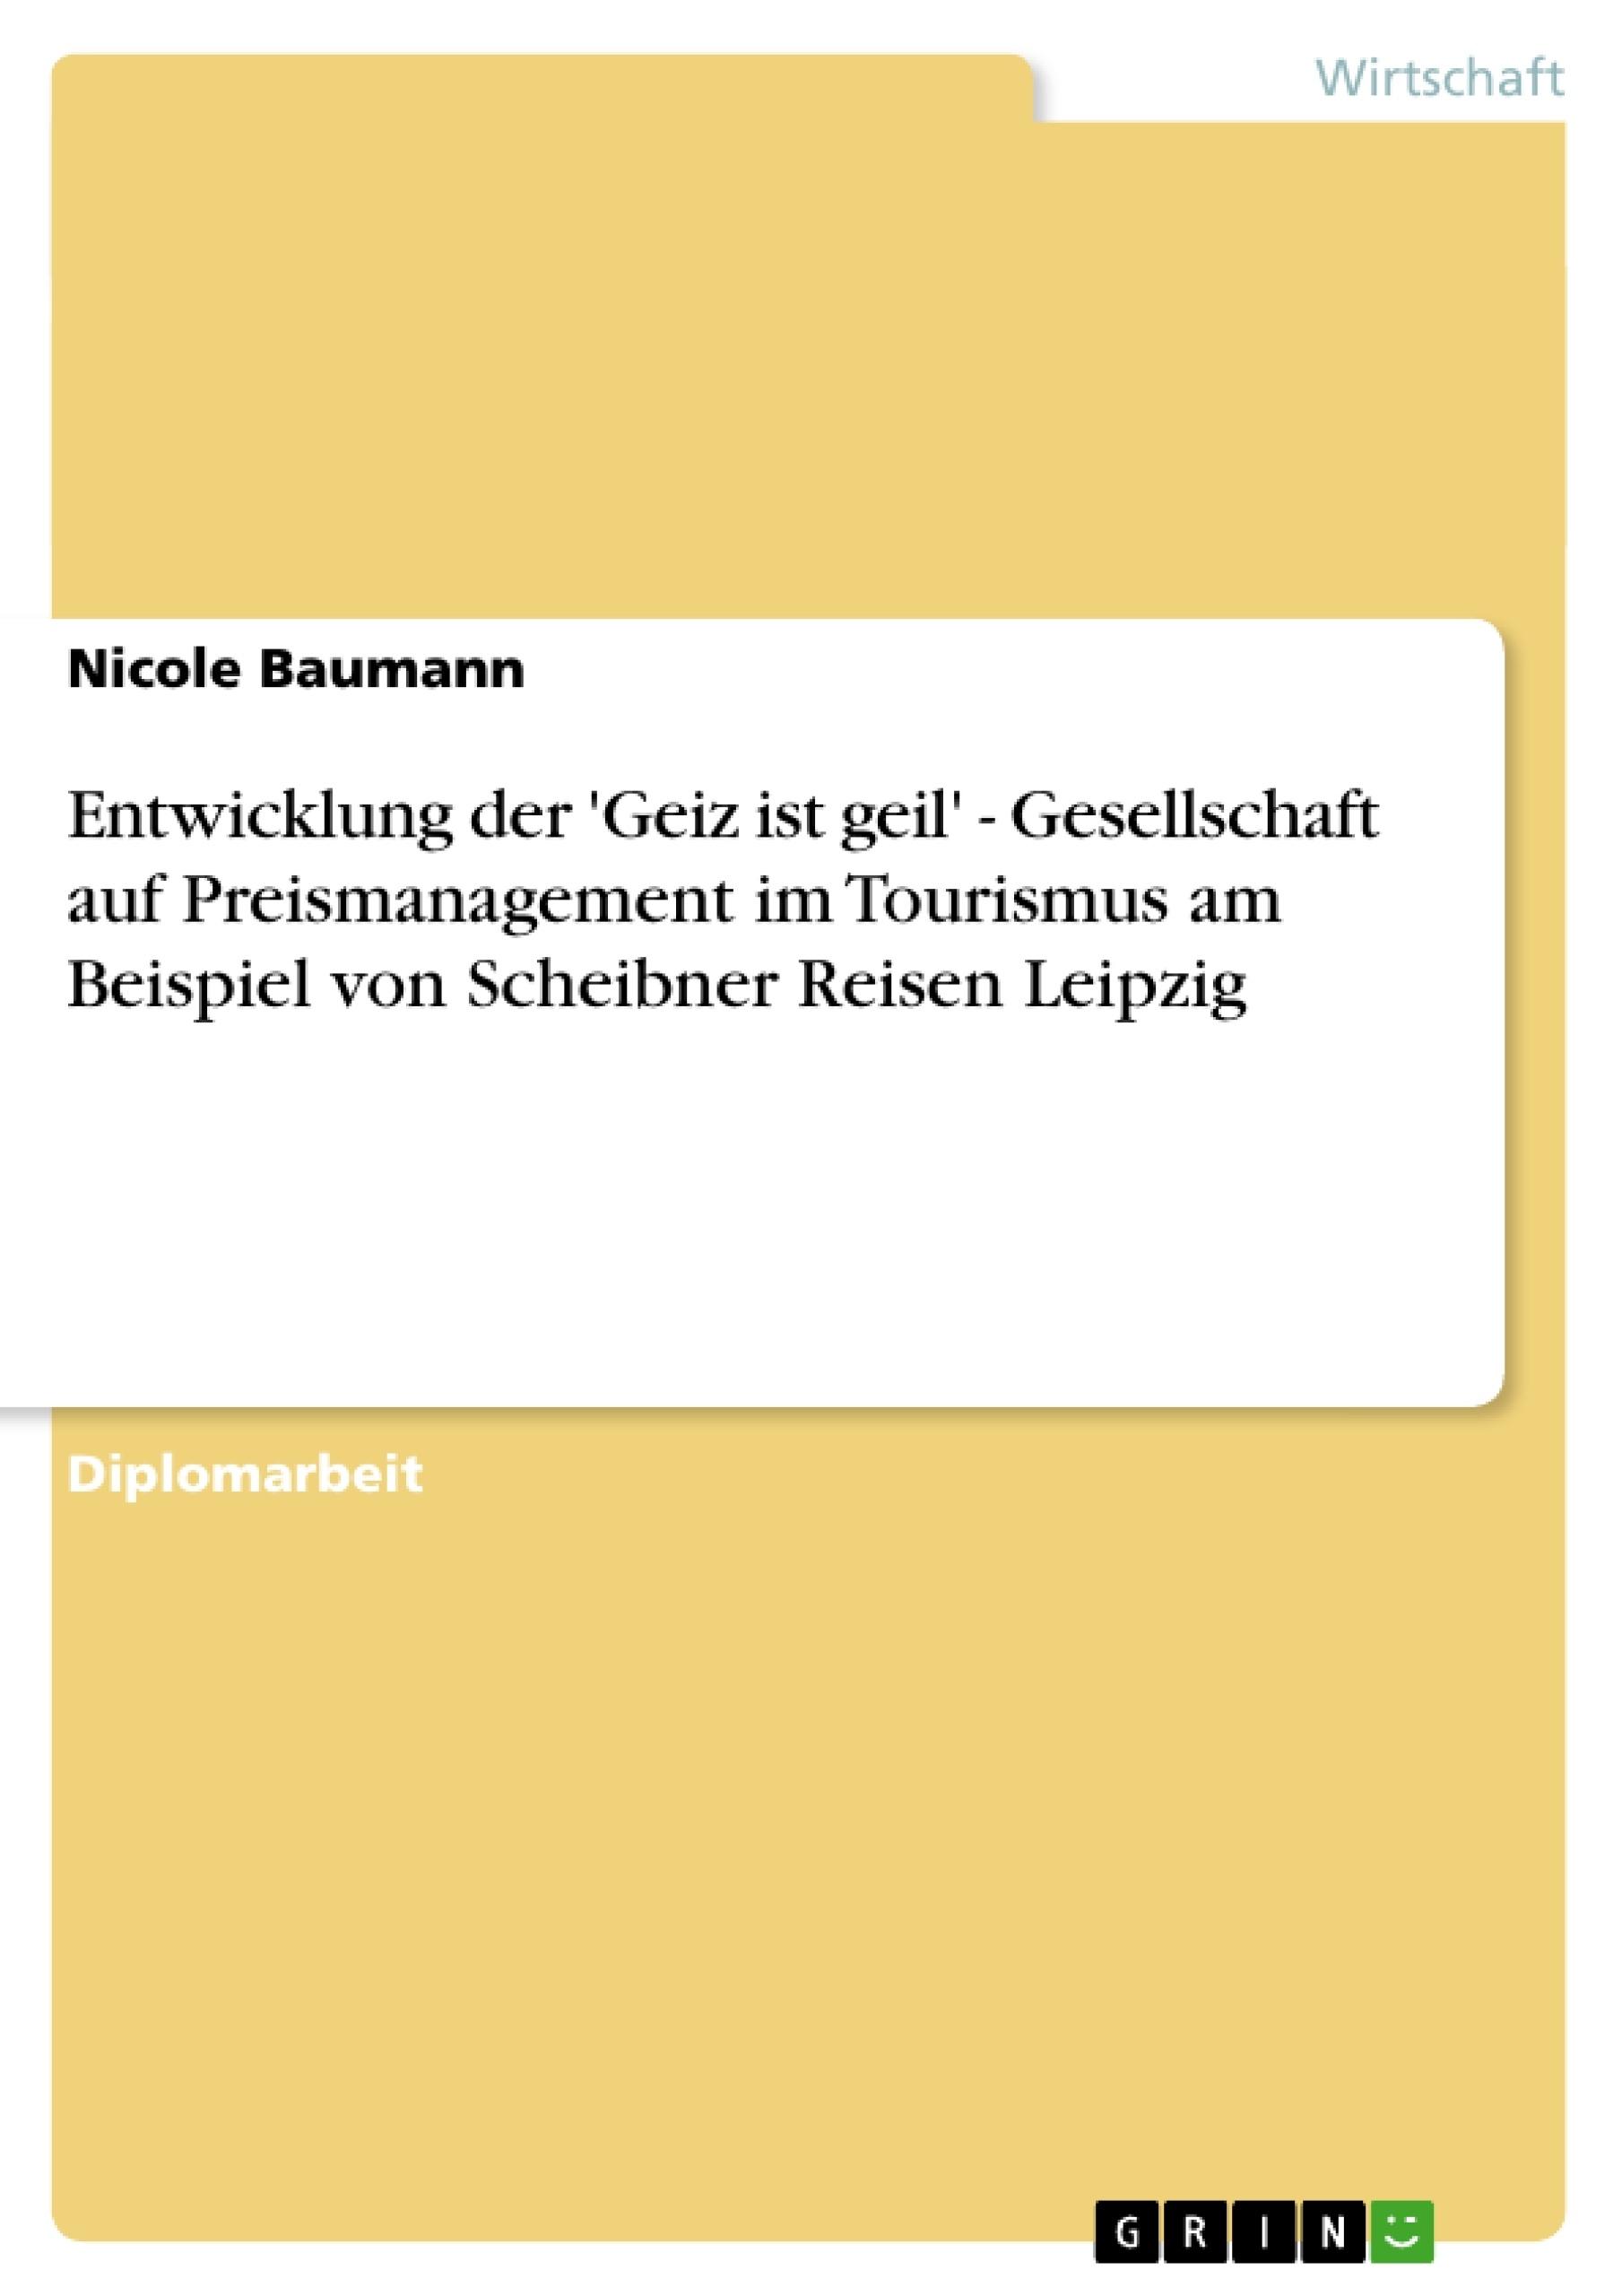 Titel: Entwicklung der 'Geiz ist geil' - Gesellschaft auf Preismanagement im Tourismus am Beispiel von Scheibner Reisen Leipzig